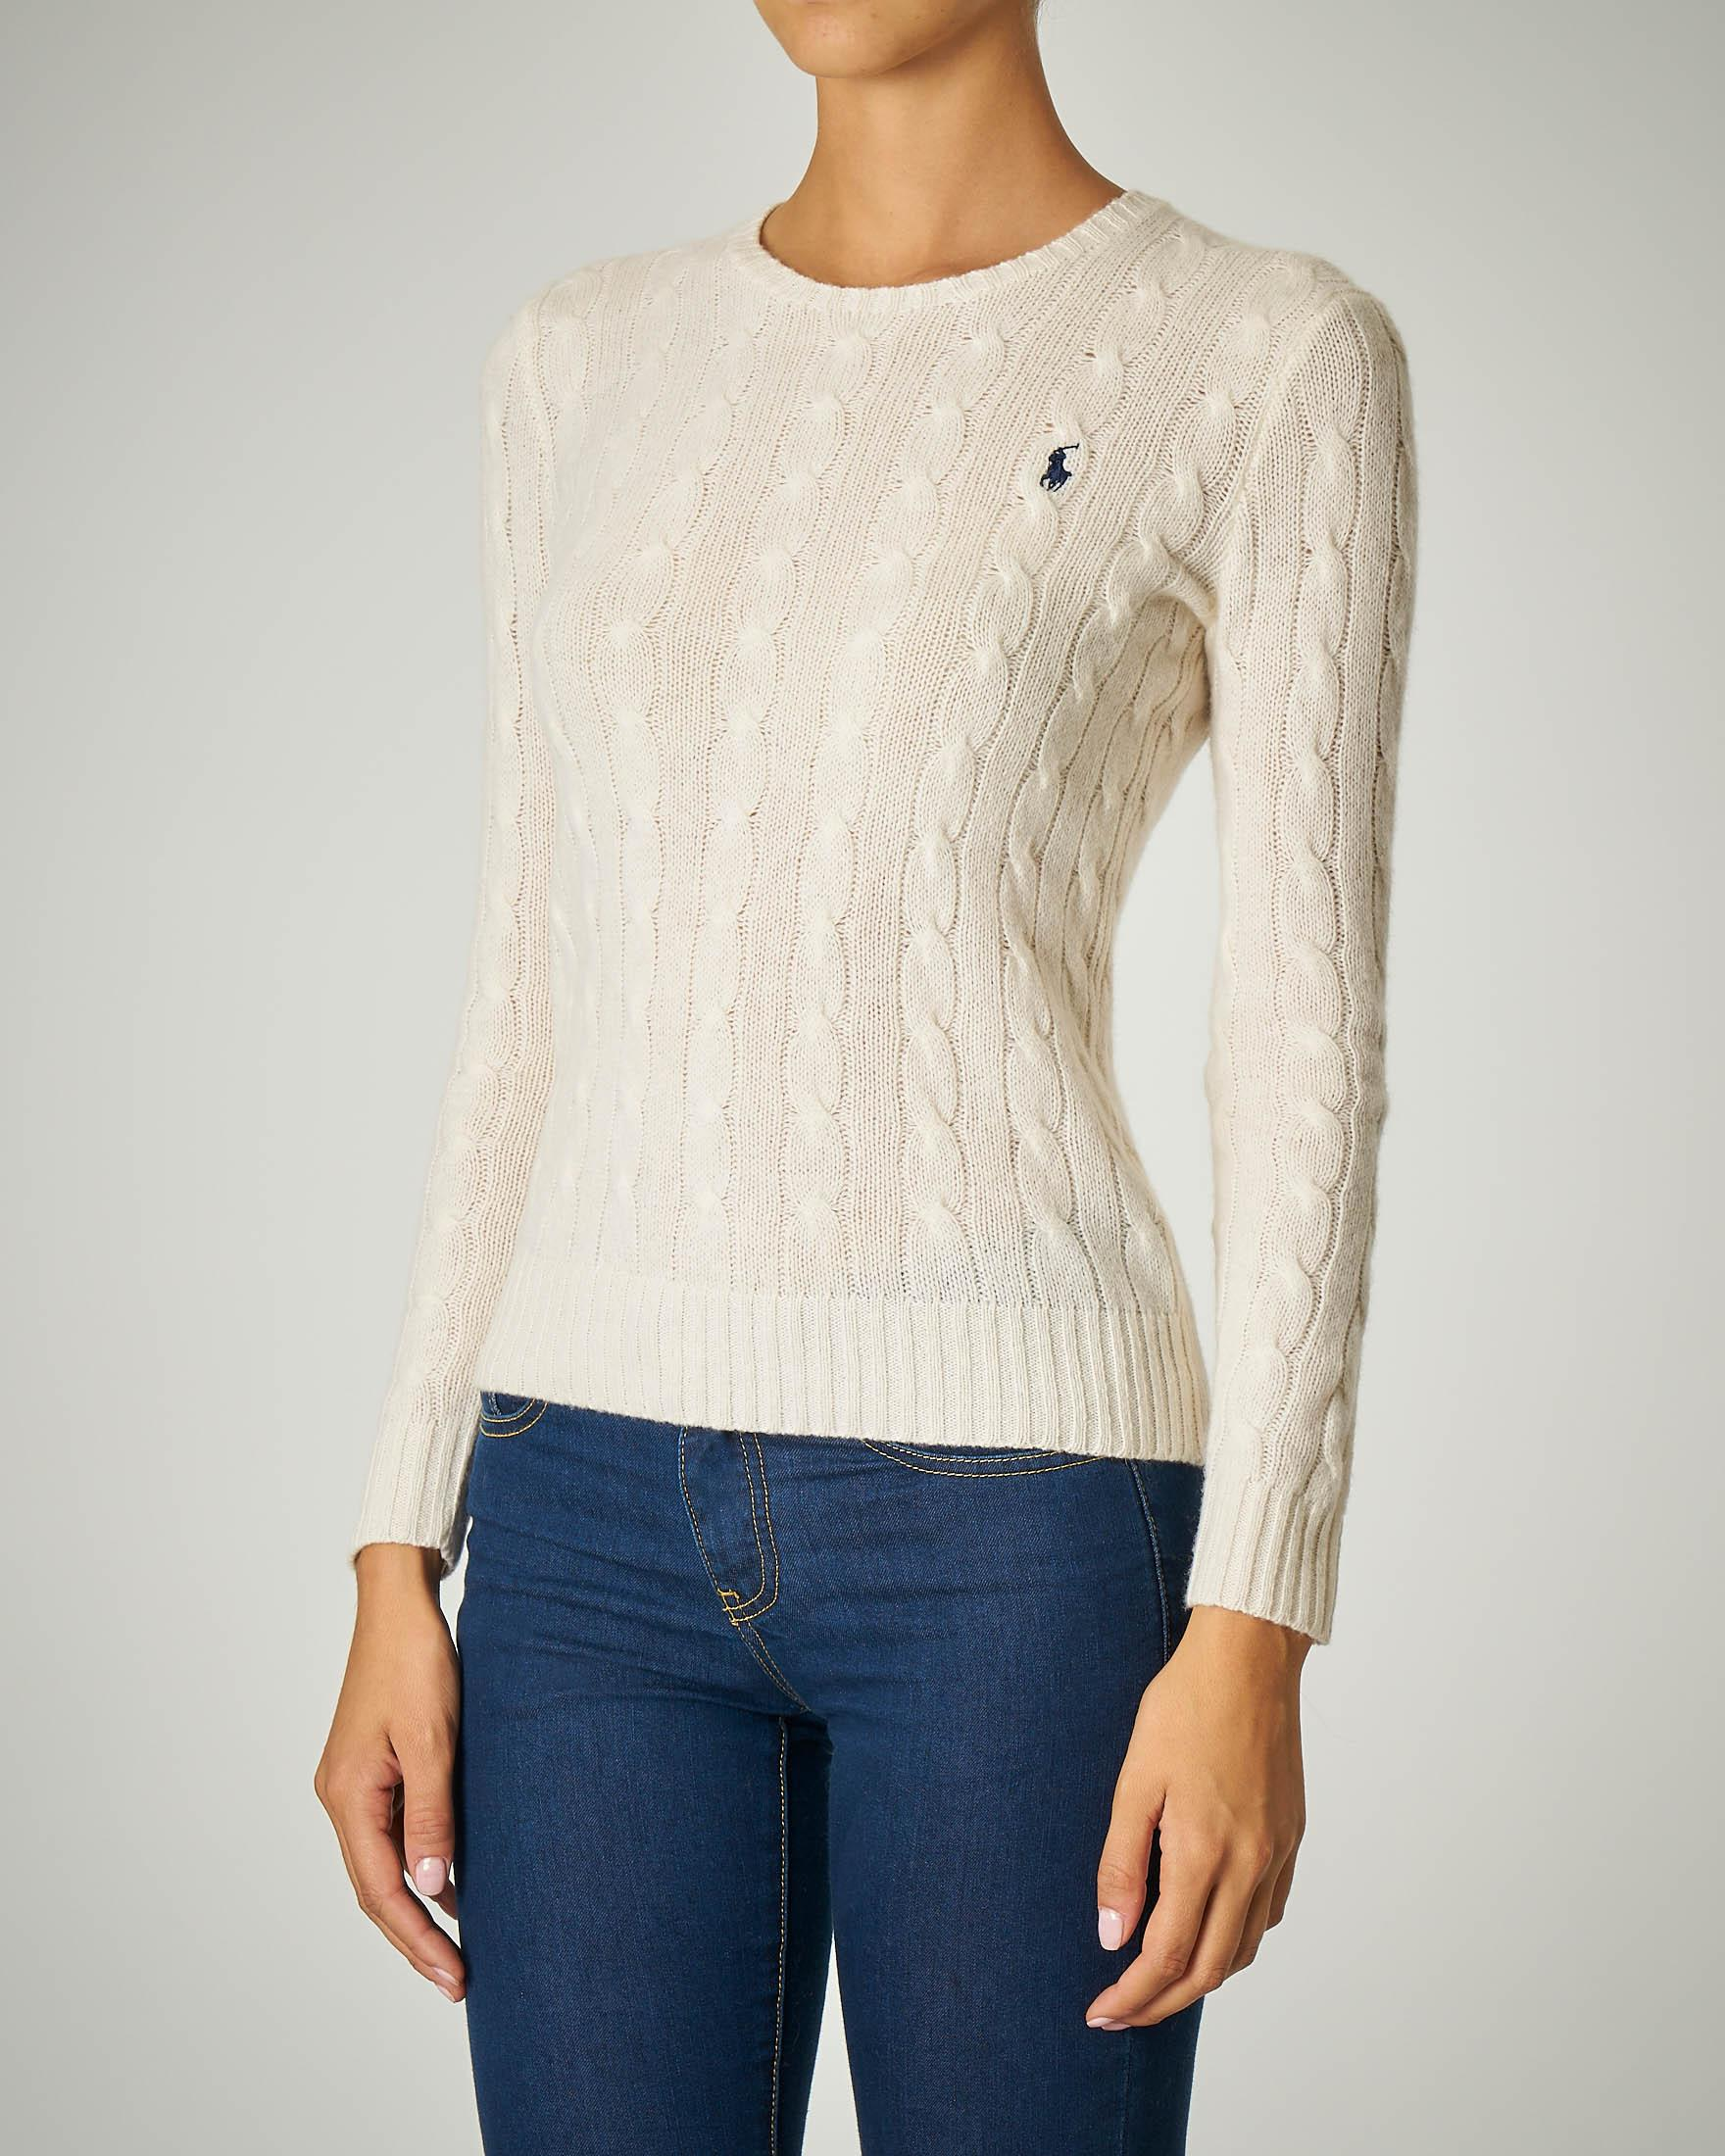 Maglia a trecce in lana e cashmere color avorio